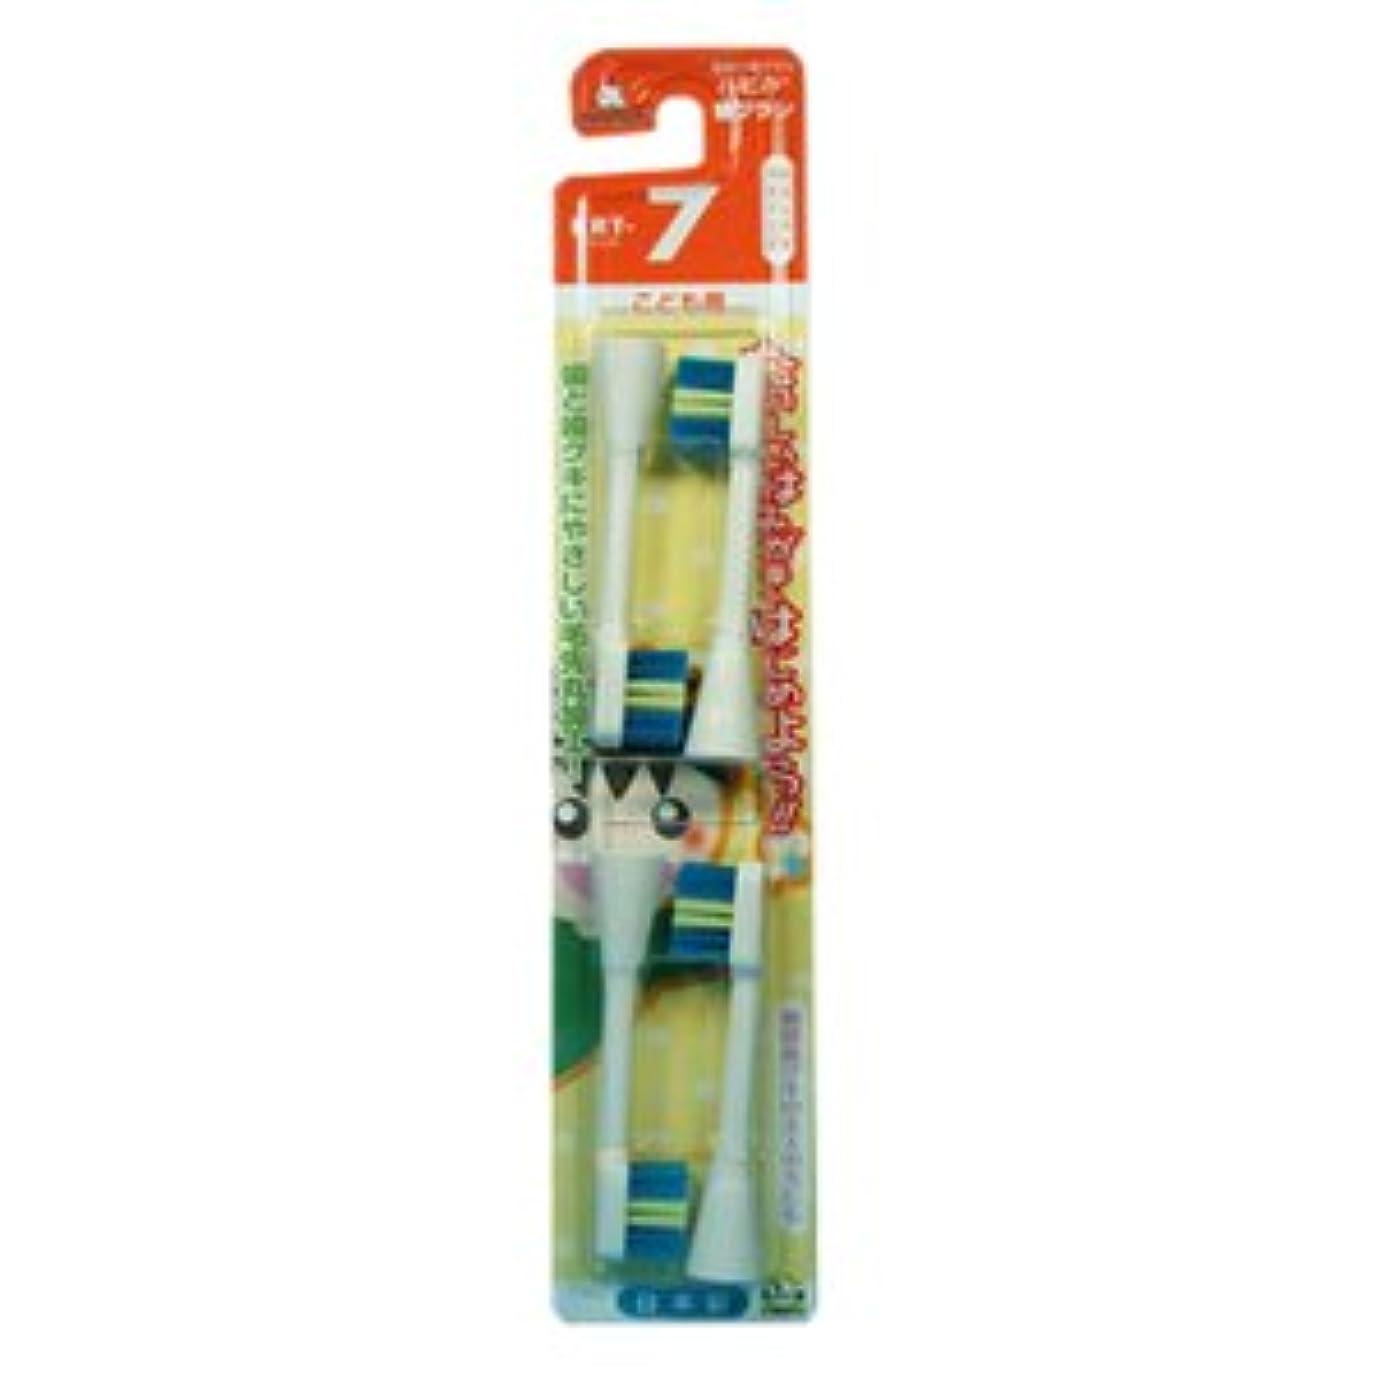 繰り返した丁寧物理的なミニマム 電動付歯ブラシ ハピカ 専用替ブラシ こども用 毛の硬さ:やわらかめ BRT-7 4個入